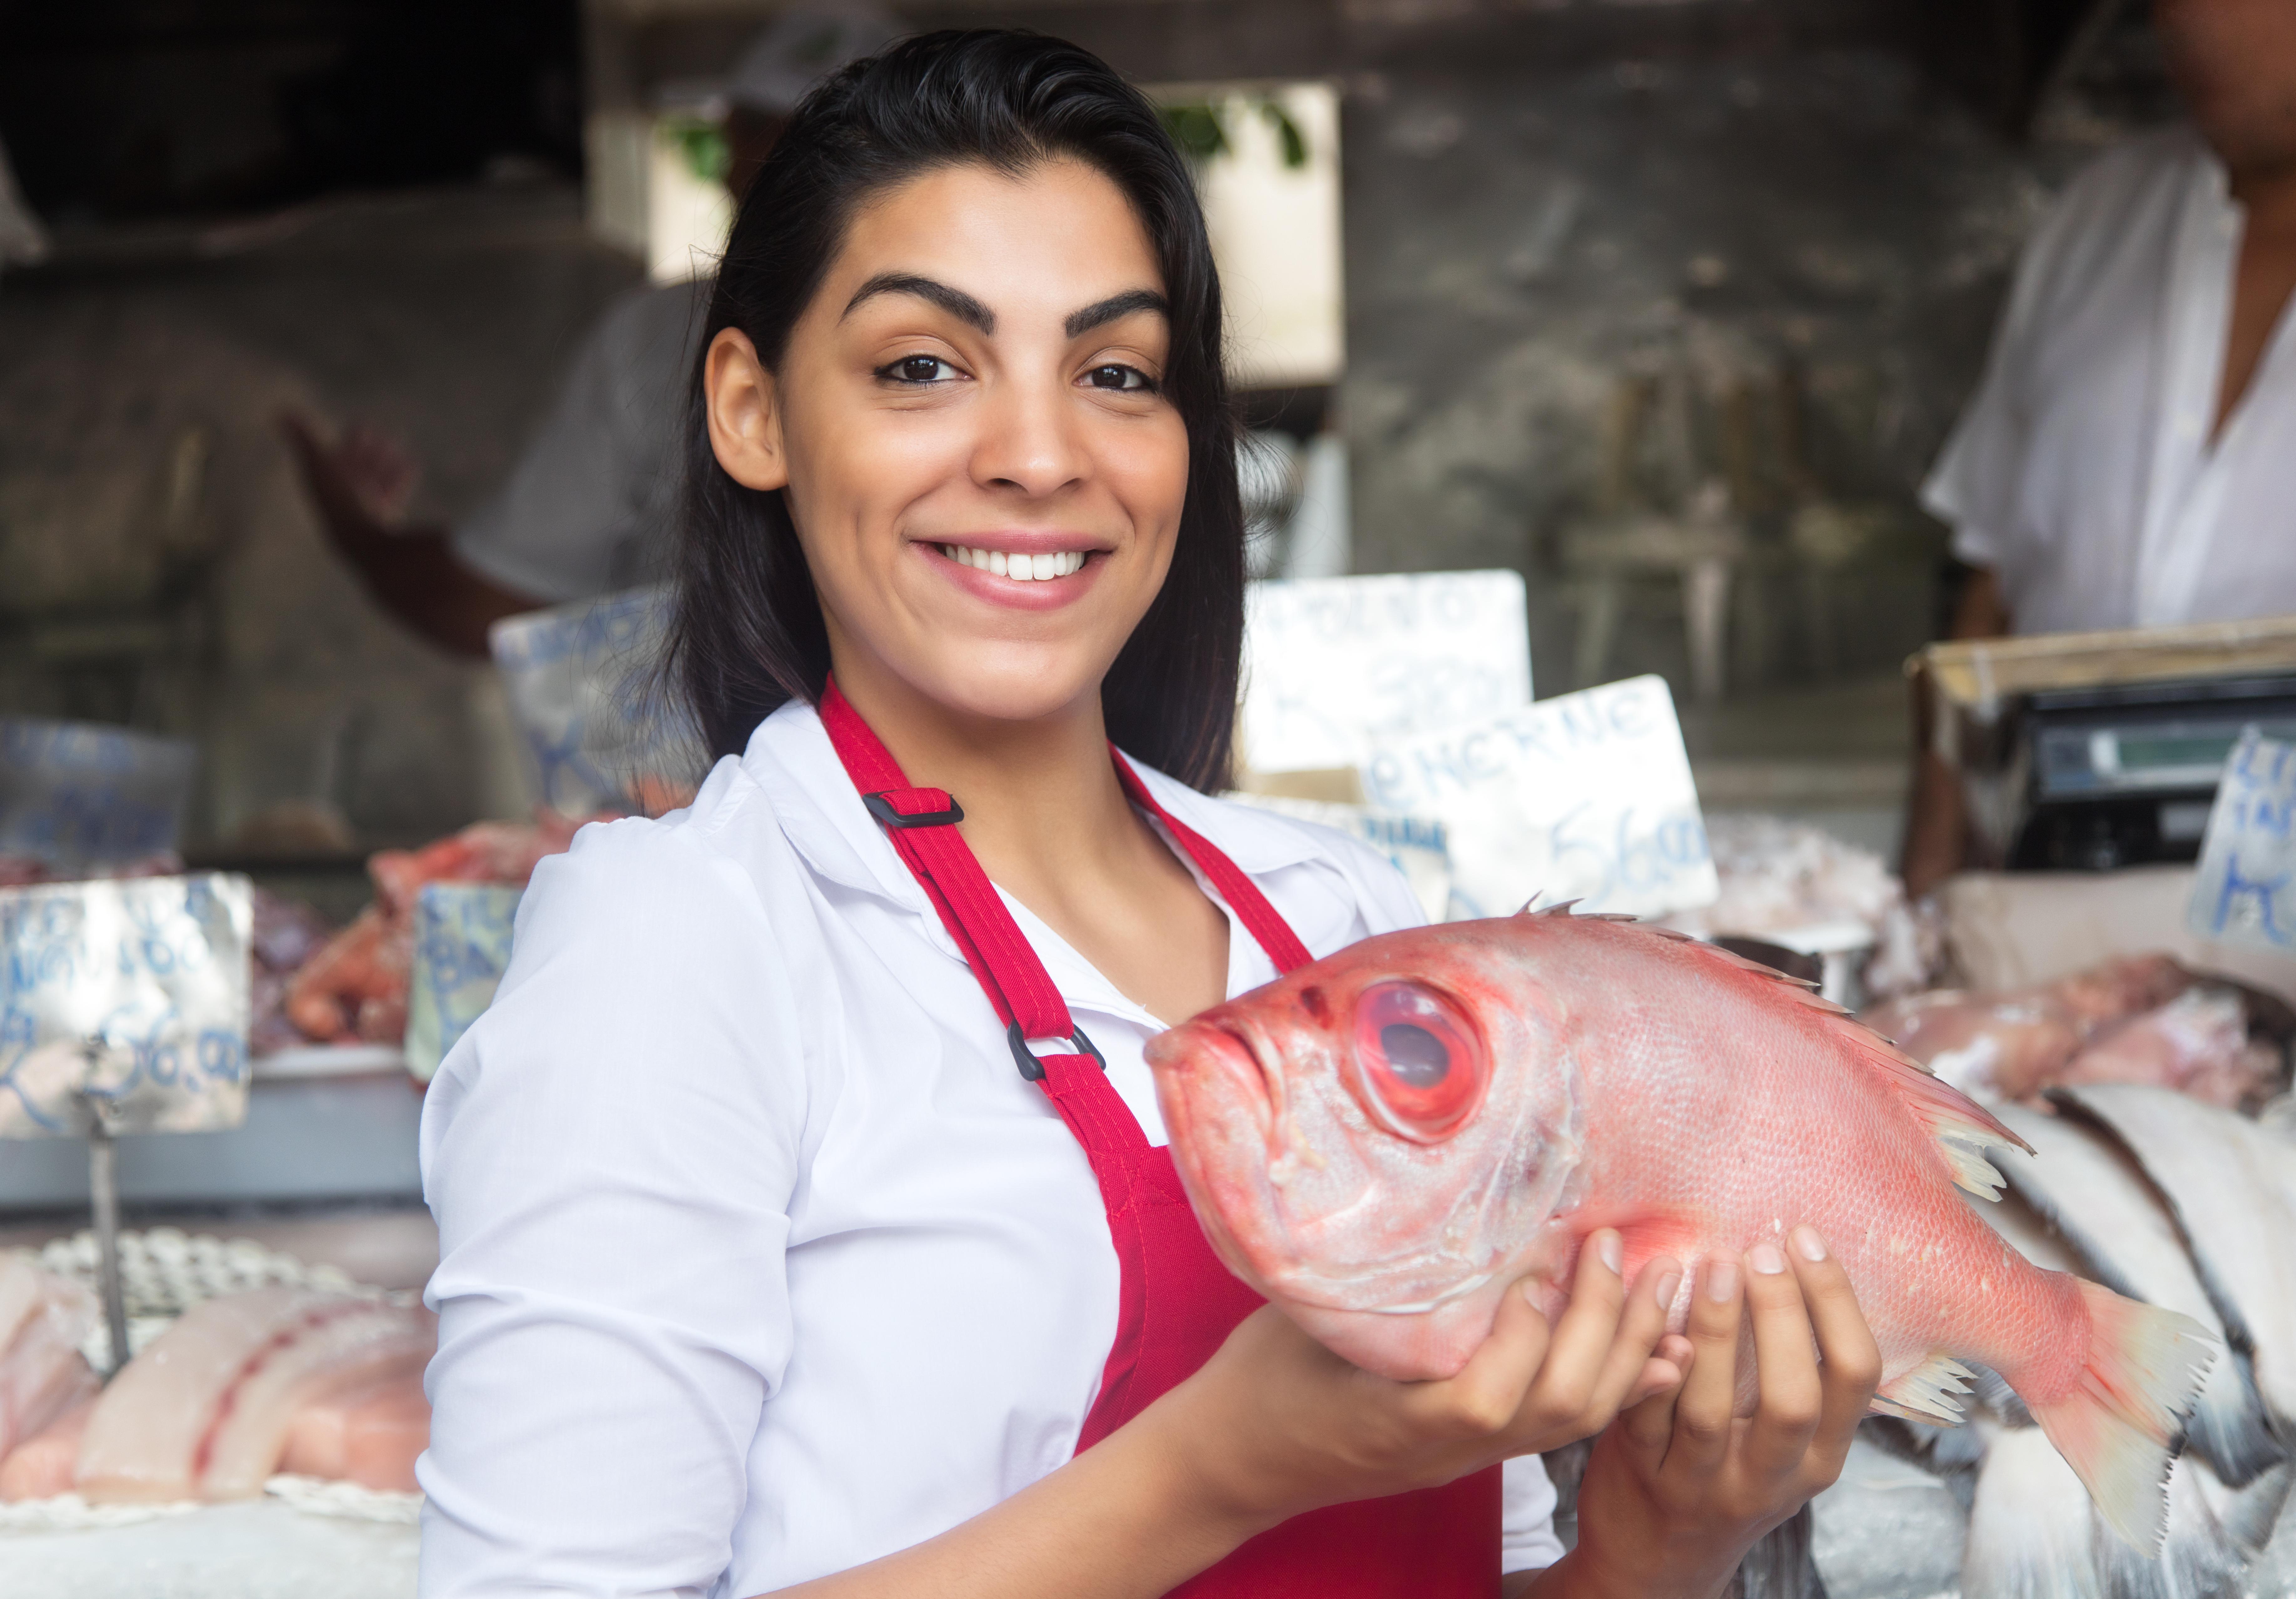 Korrekt hanterad utgör fisk sällan något problem men felaktigt hanterad kan det i värsta fall leda till fiskförgiftning, histaminfögiftning.